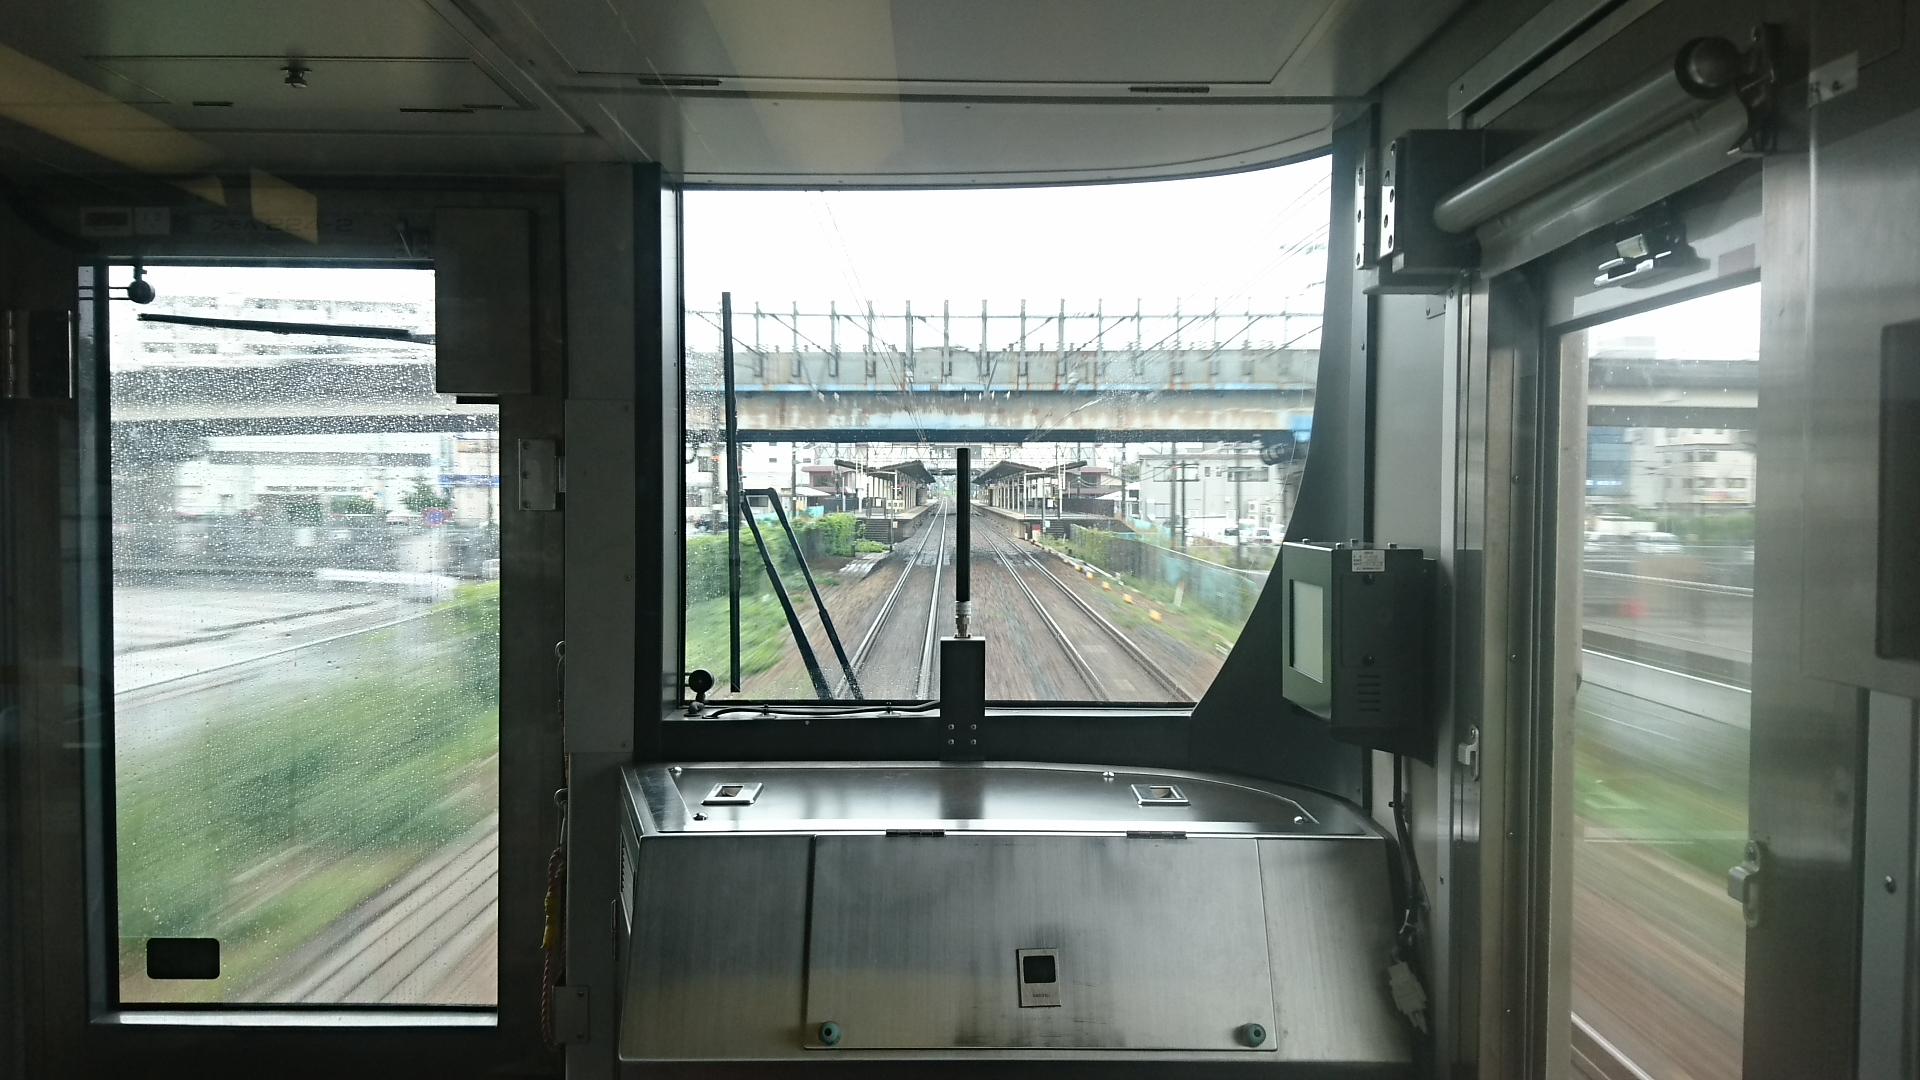 2017.10.7 近江八幡 (10) 姫路いき新快速 - 南彦根 1920-1080